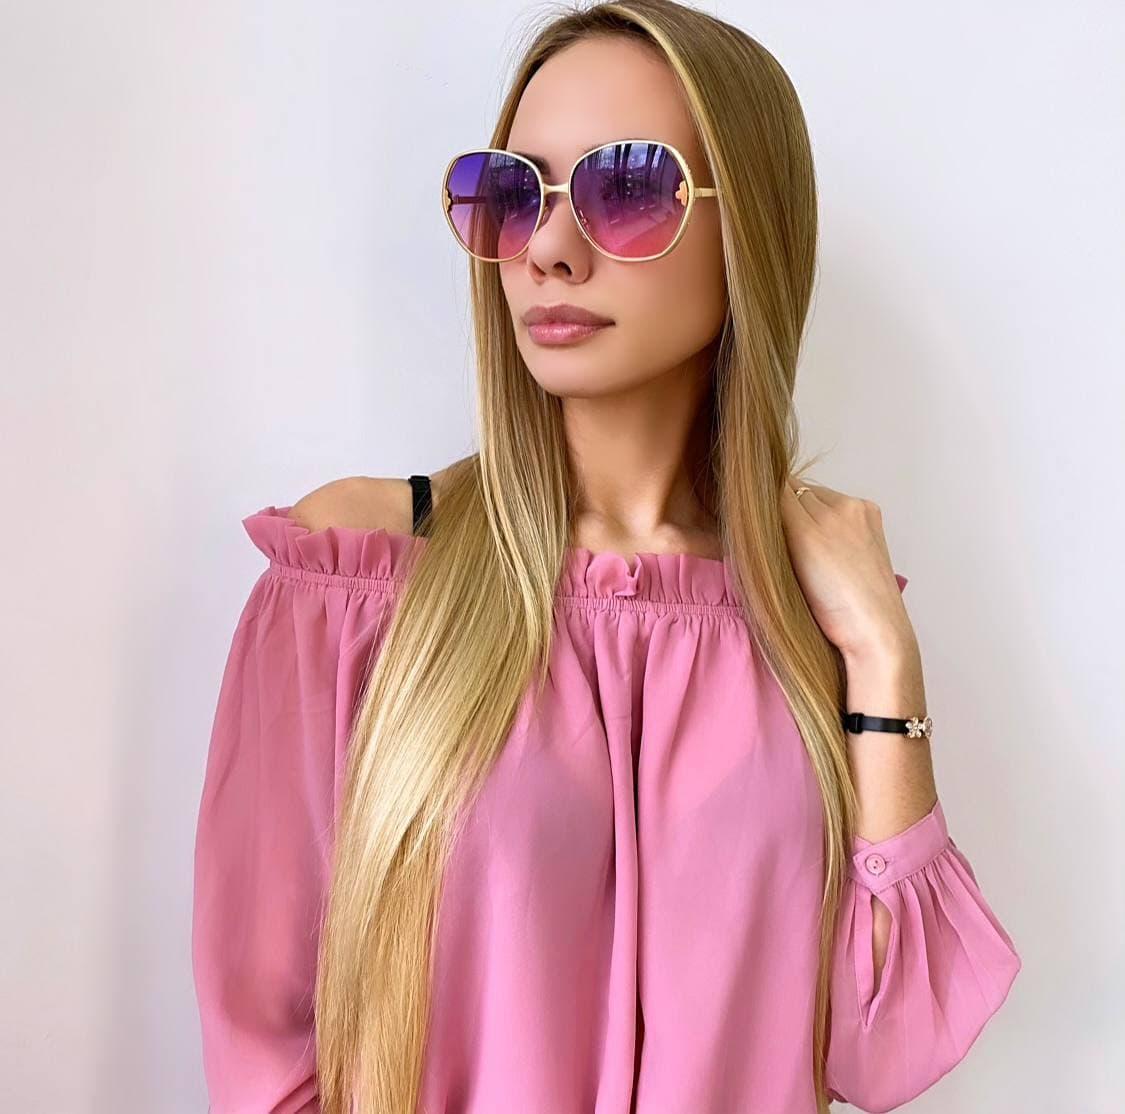 Рожеві жіночі кольорові сонцезахисні окуляри в золотій оправі